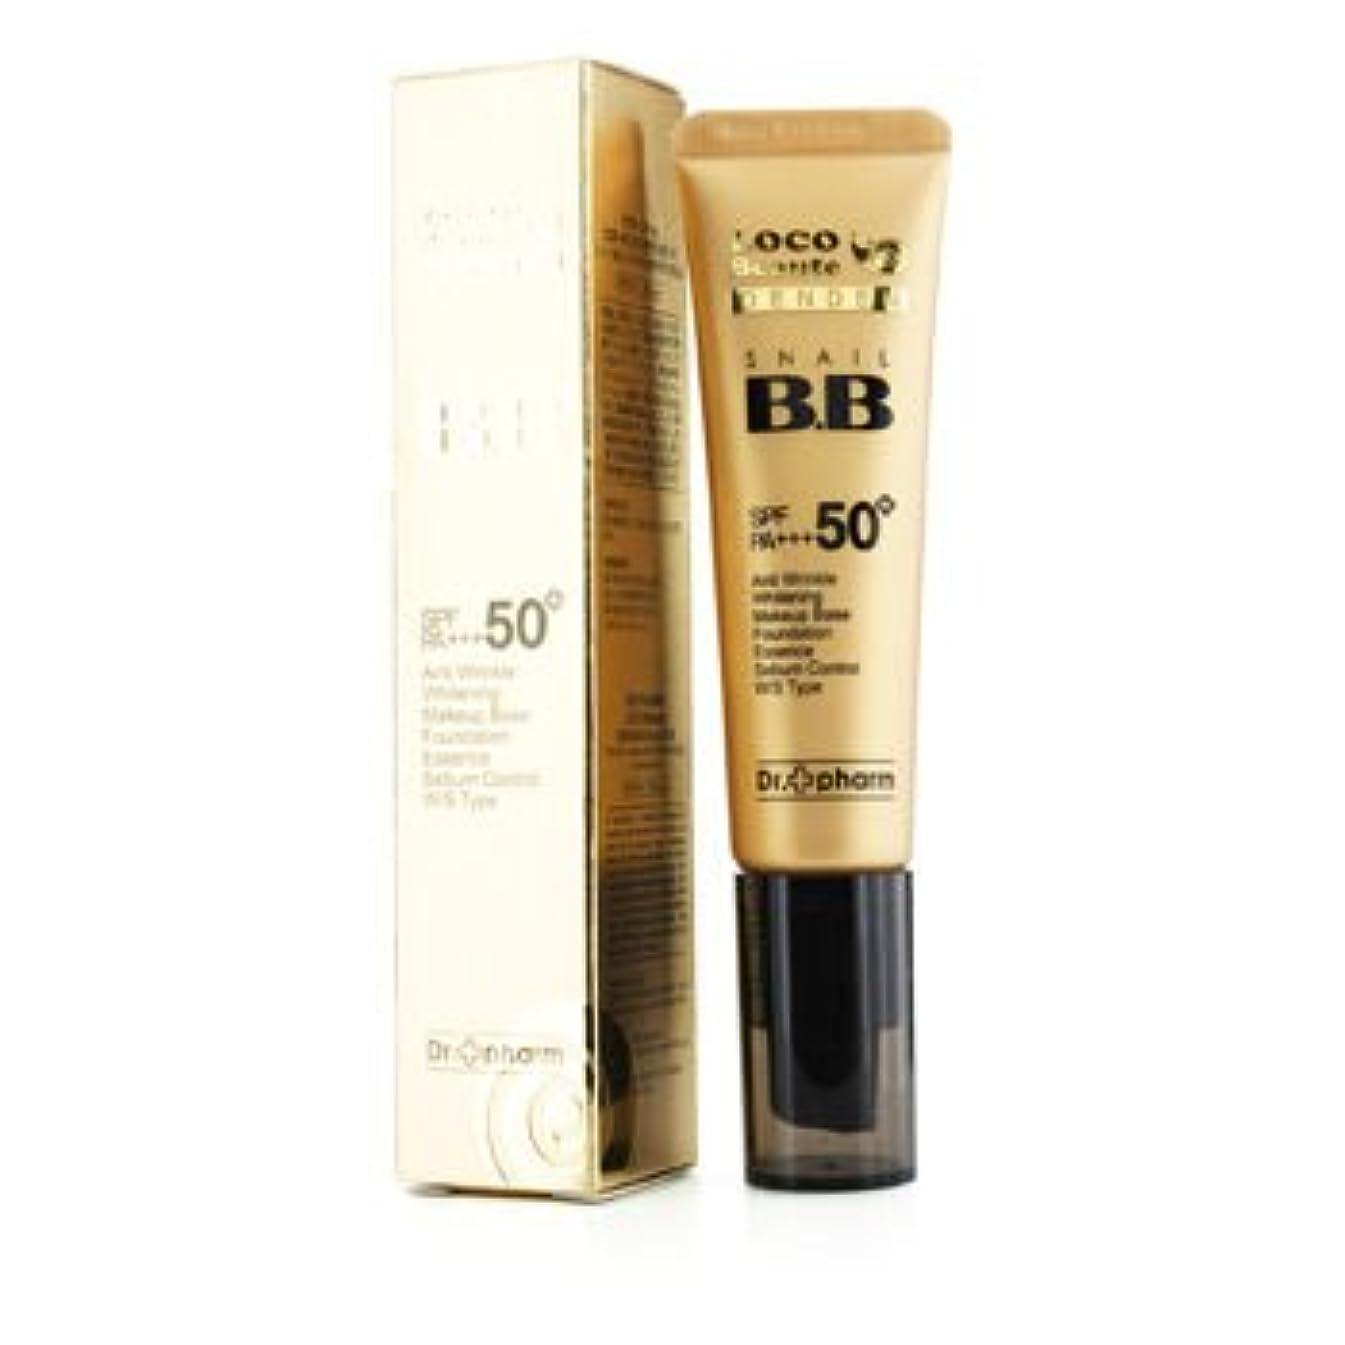 バイオレットステンレスタービンDr. Pharm LOCO Beaute DenDen Snail BB Cream SPF5030ml/1oz並行輸入品